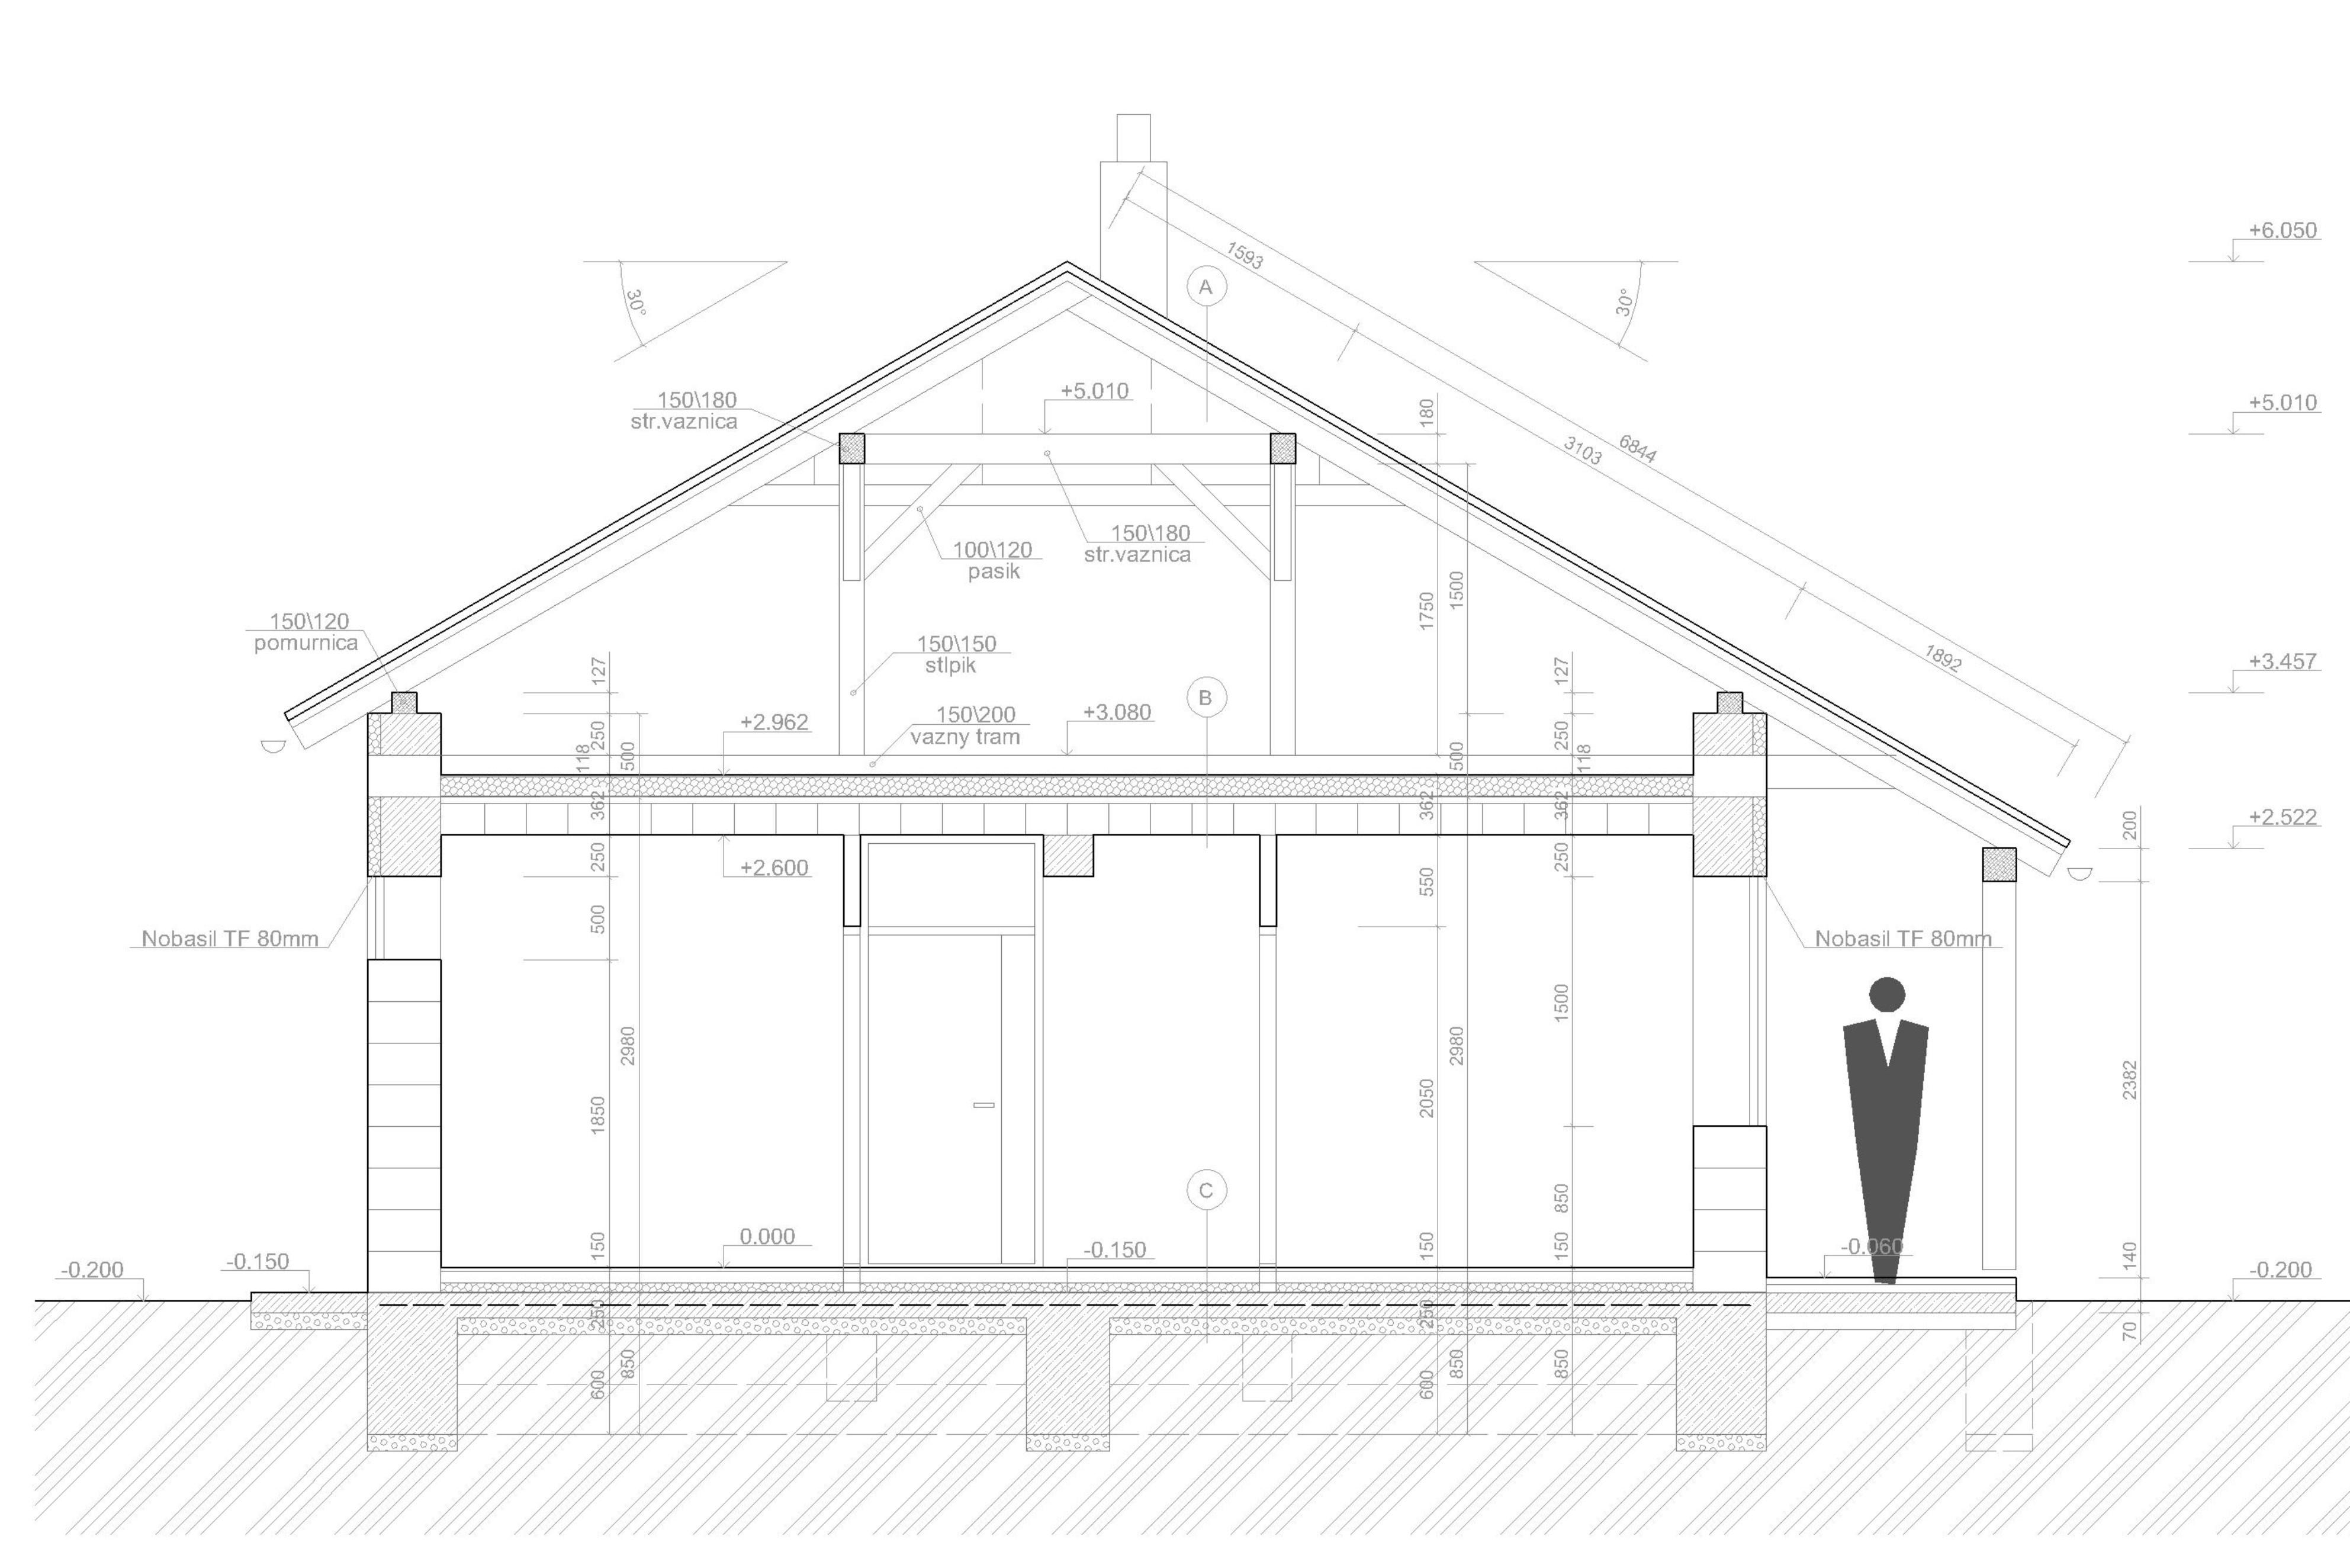 Projekt stavby rodinného domu III 09